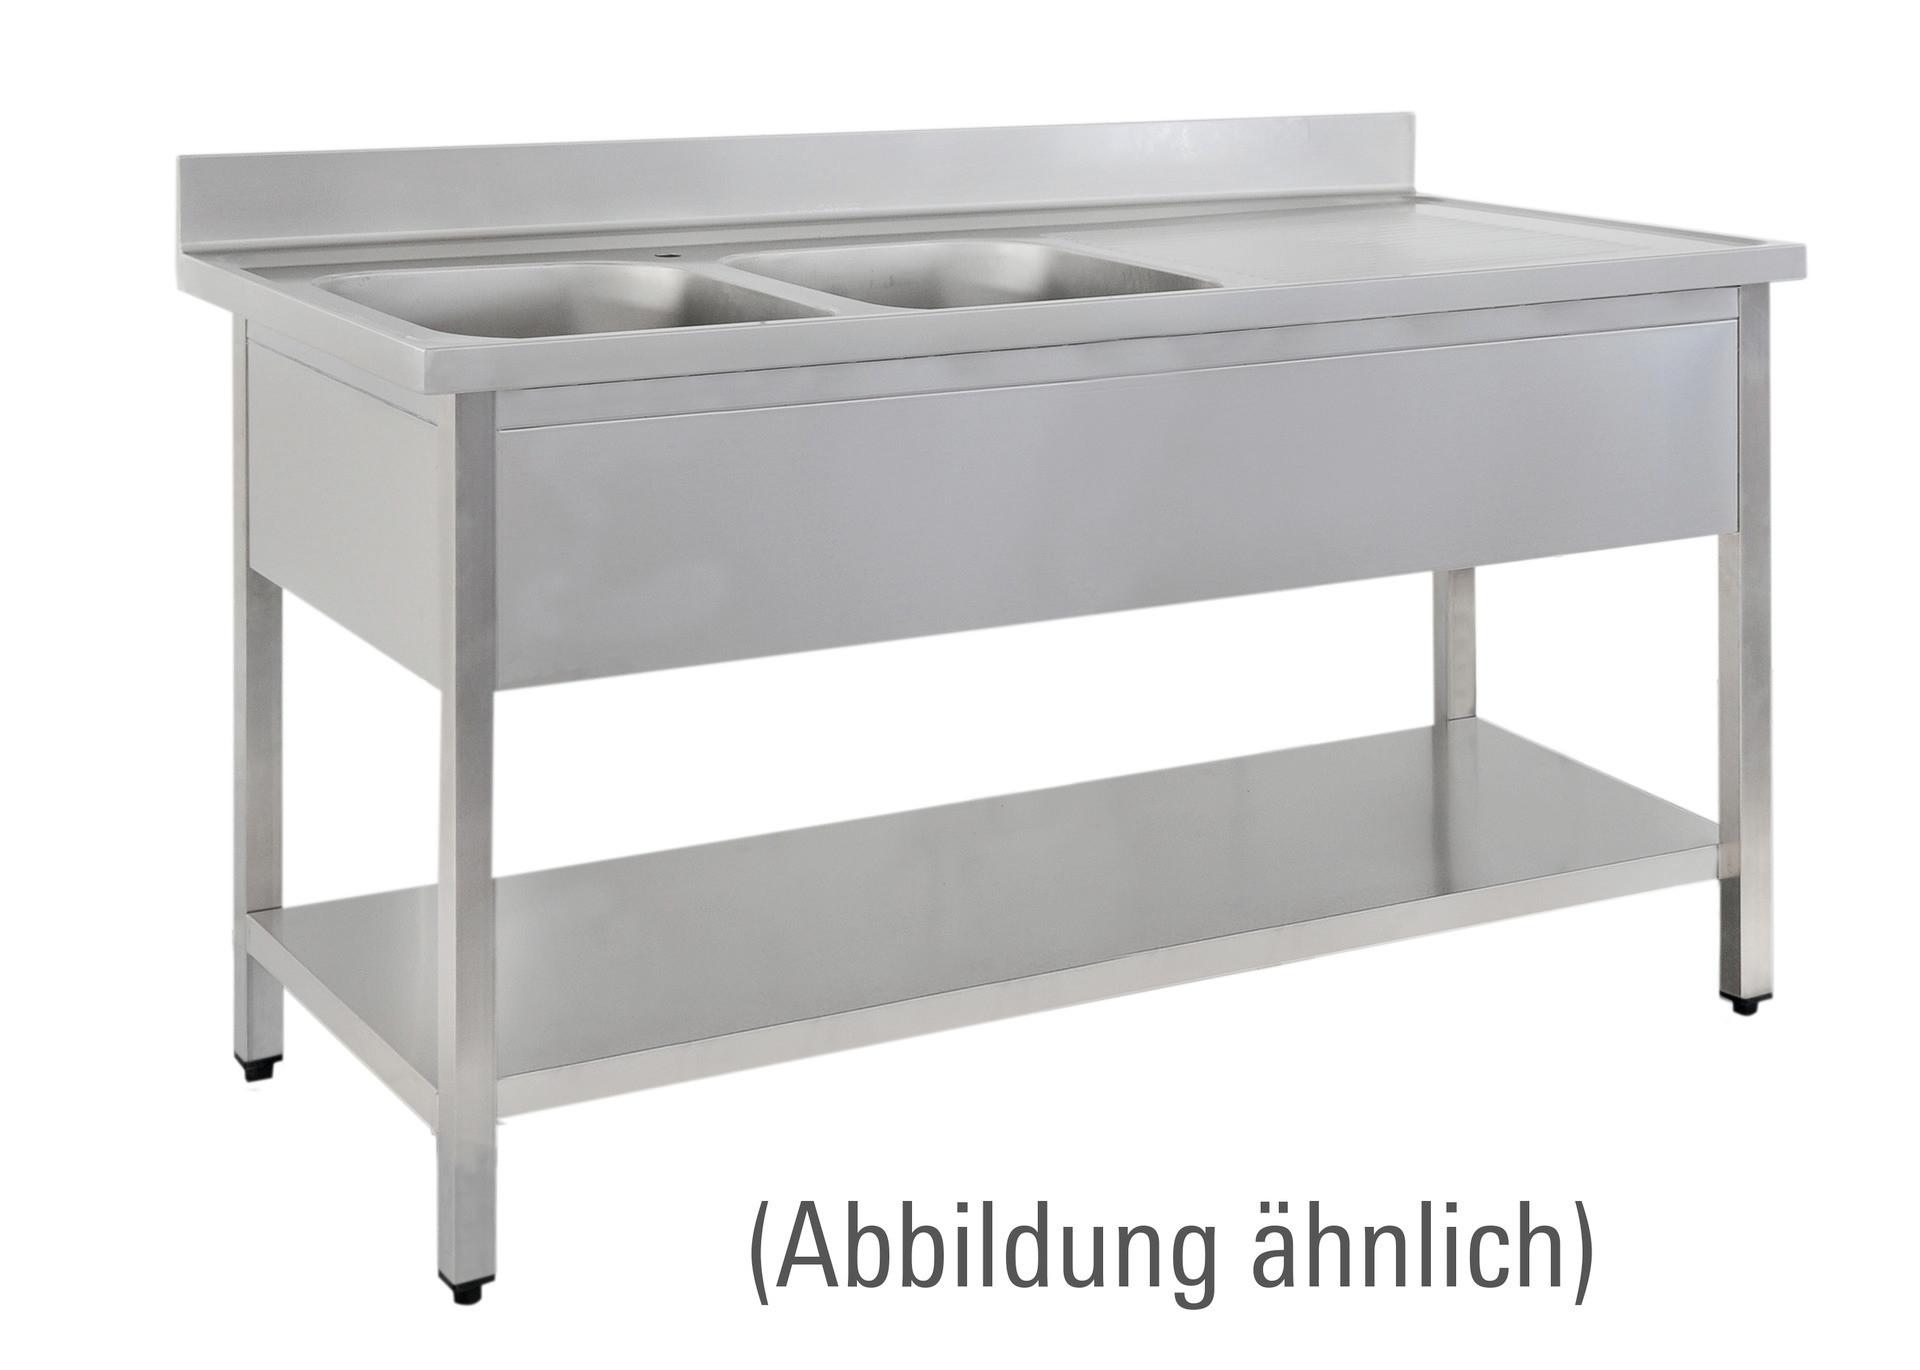 sp ltisch mit 100 mm aufkantung mit ablageboden 2 becken links tischer gastro. Black Bedroom Furniture Sets. Home Design Ideas